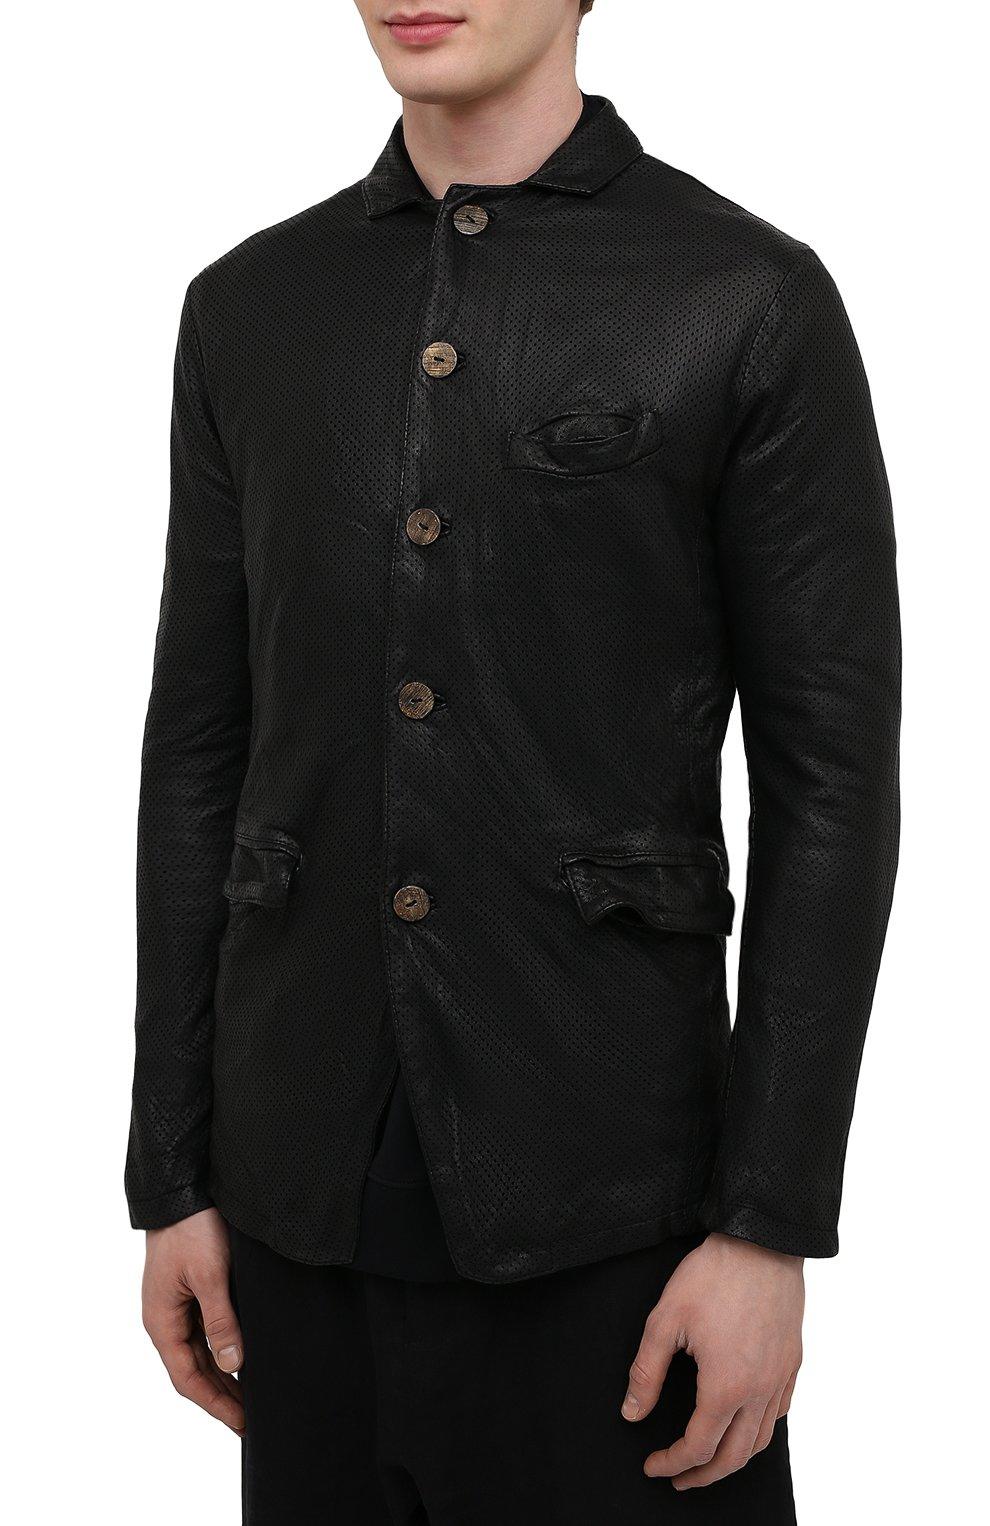 Мужская кожаная куртка GIORGIO BRATO черного цвета, арт. GU21S9616HL136 | Фото 3 (Кросс-КТ: Куртка; Рукава: Длинные; Стили: Гранж; Мужское Кросс-КТ: Кожа и замша; Длина (верхняя одежда): Короткие; Материал подклада: Хлопок)